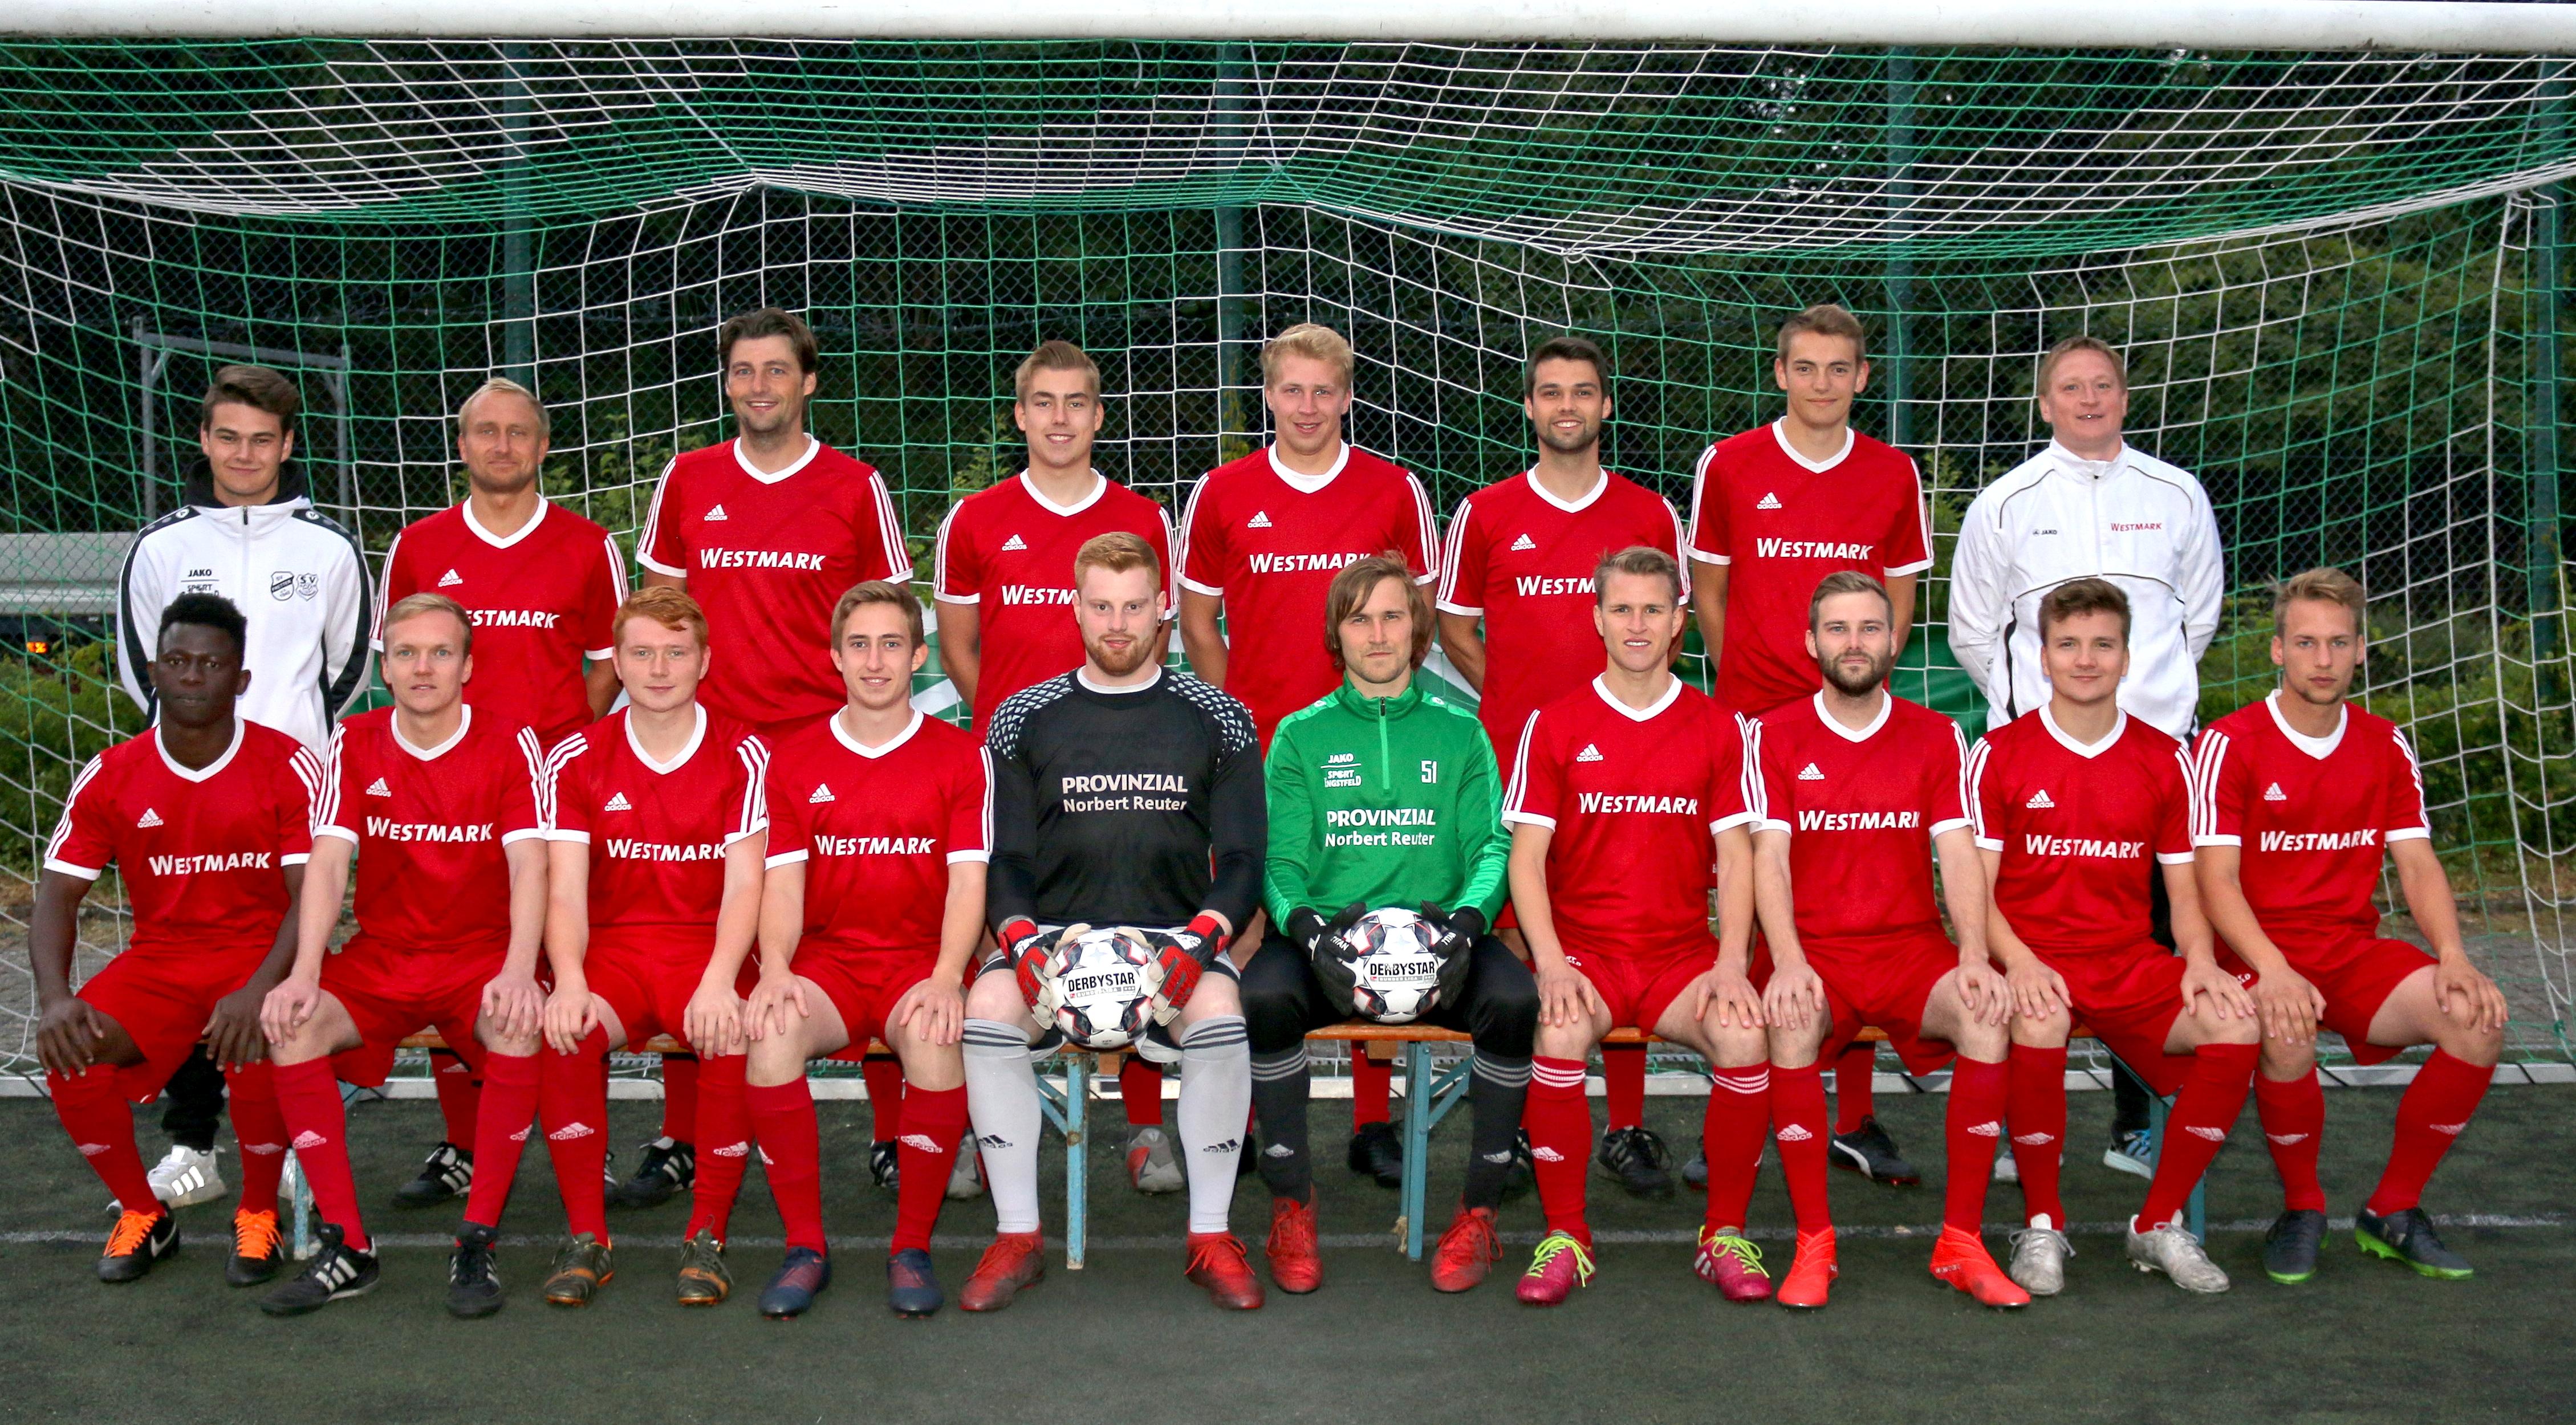 SG Serkenrode / Fretter Saison 2019/2020